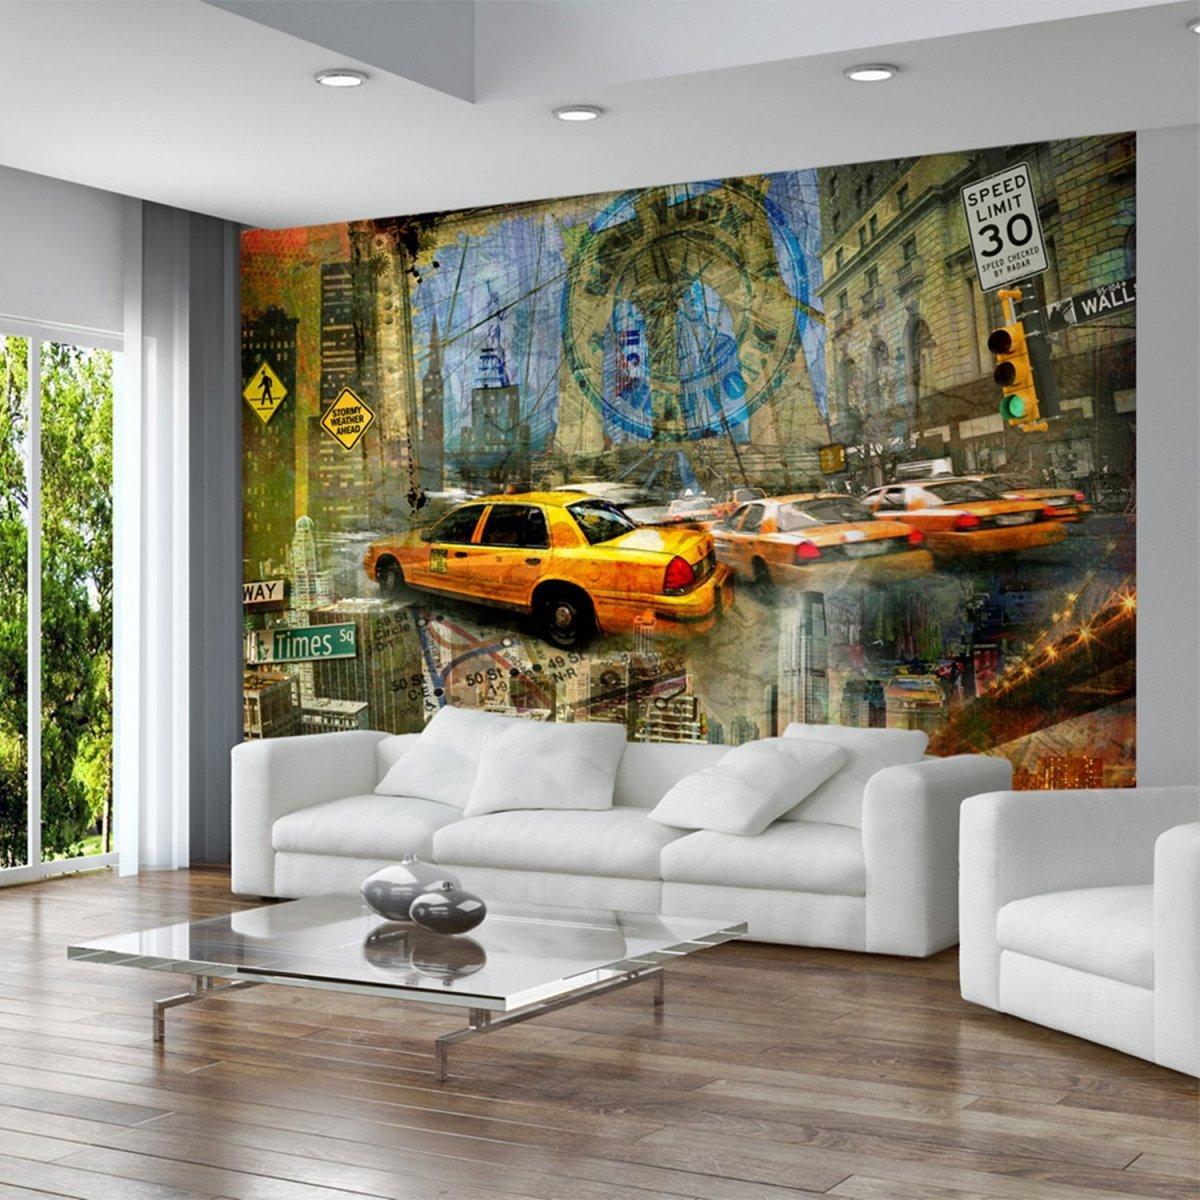 Φωτοταπετσαρίες τοίχου 200 x 140 εκ. | Mymegamarket.gr